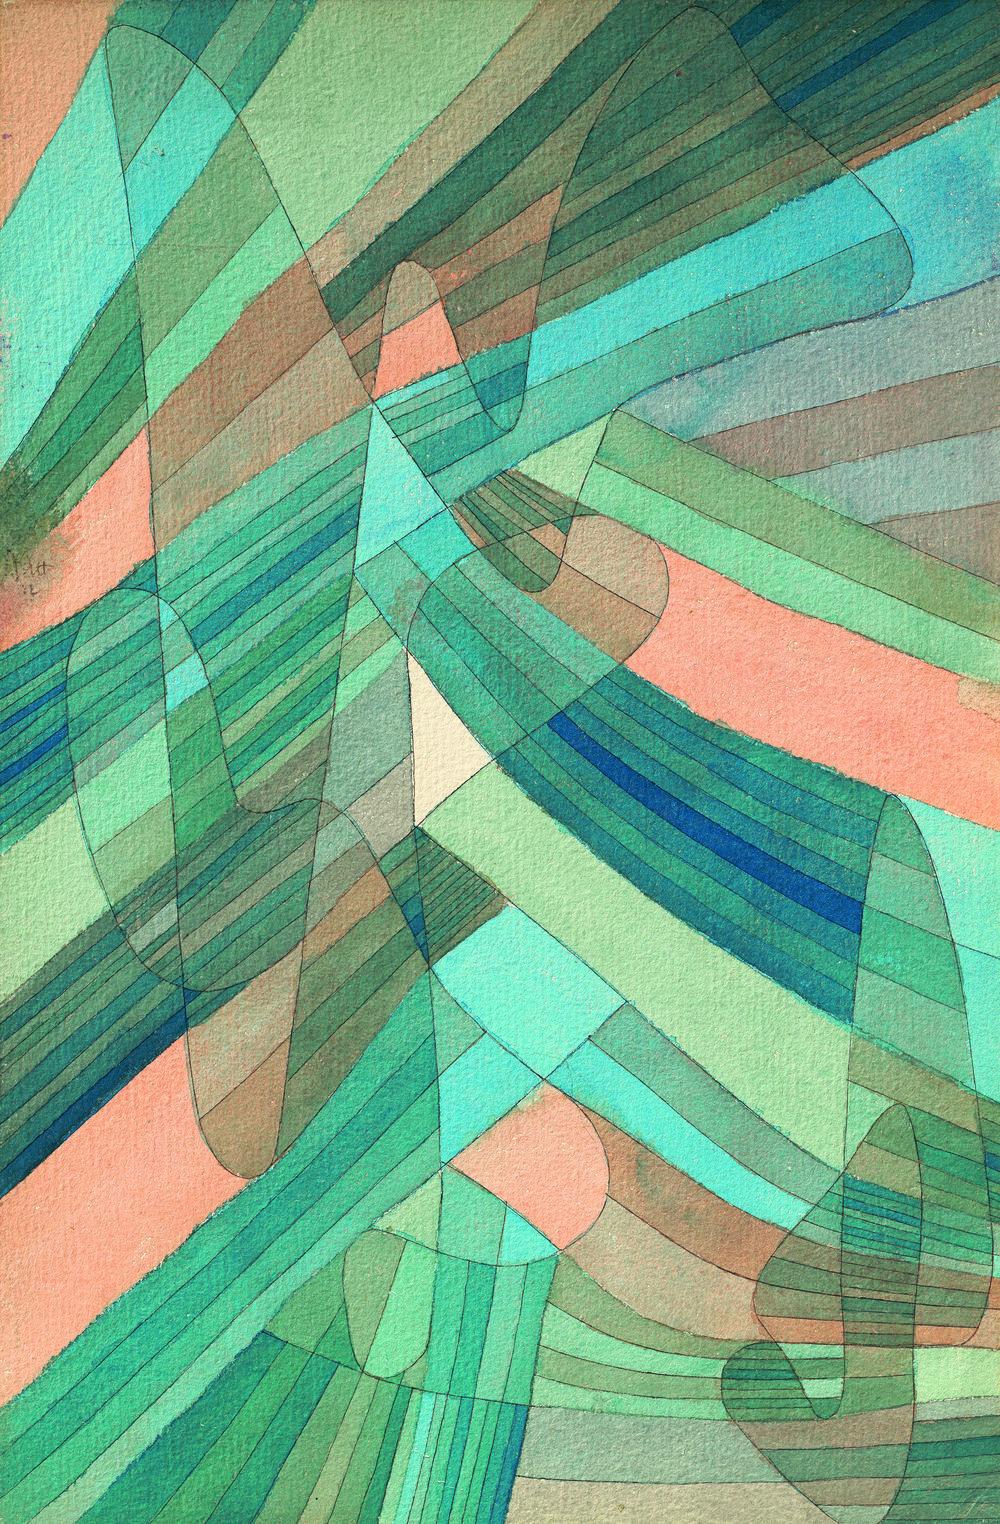 Polyphone Strömungen, 1929, 238 Aquarell und Feder auf Papier auf Karton, 43,9 x 28,9 cm, bpk / Kunstsammlung Nordrhein-Westfalen, Düsseldorf